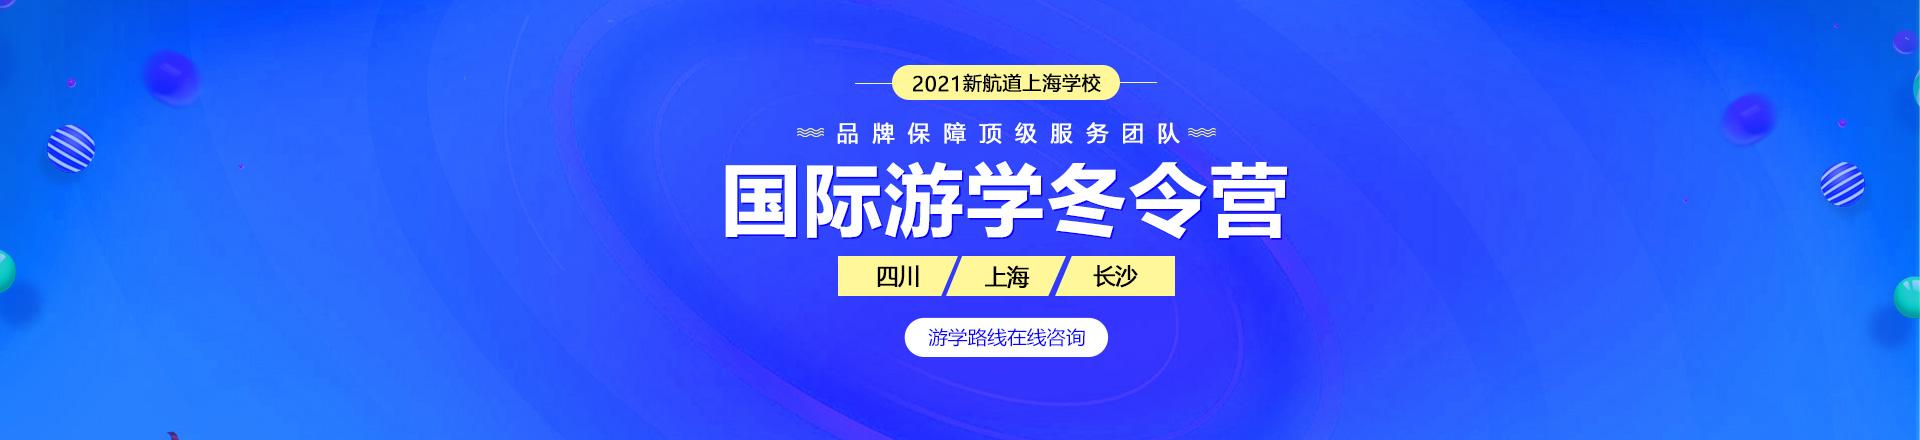 2021年国内游学冬令营芒果TV,上海陆家嘴金融,重庆大熊猫体验营